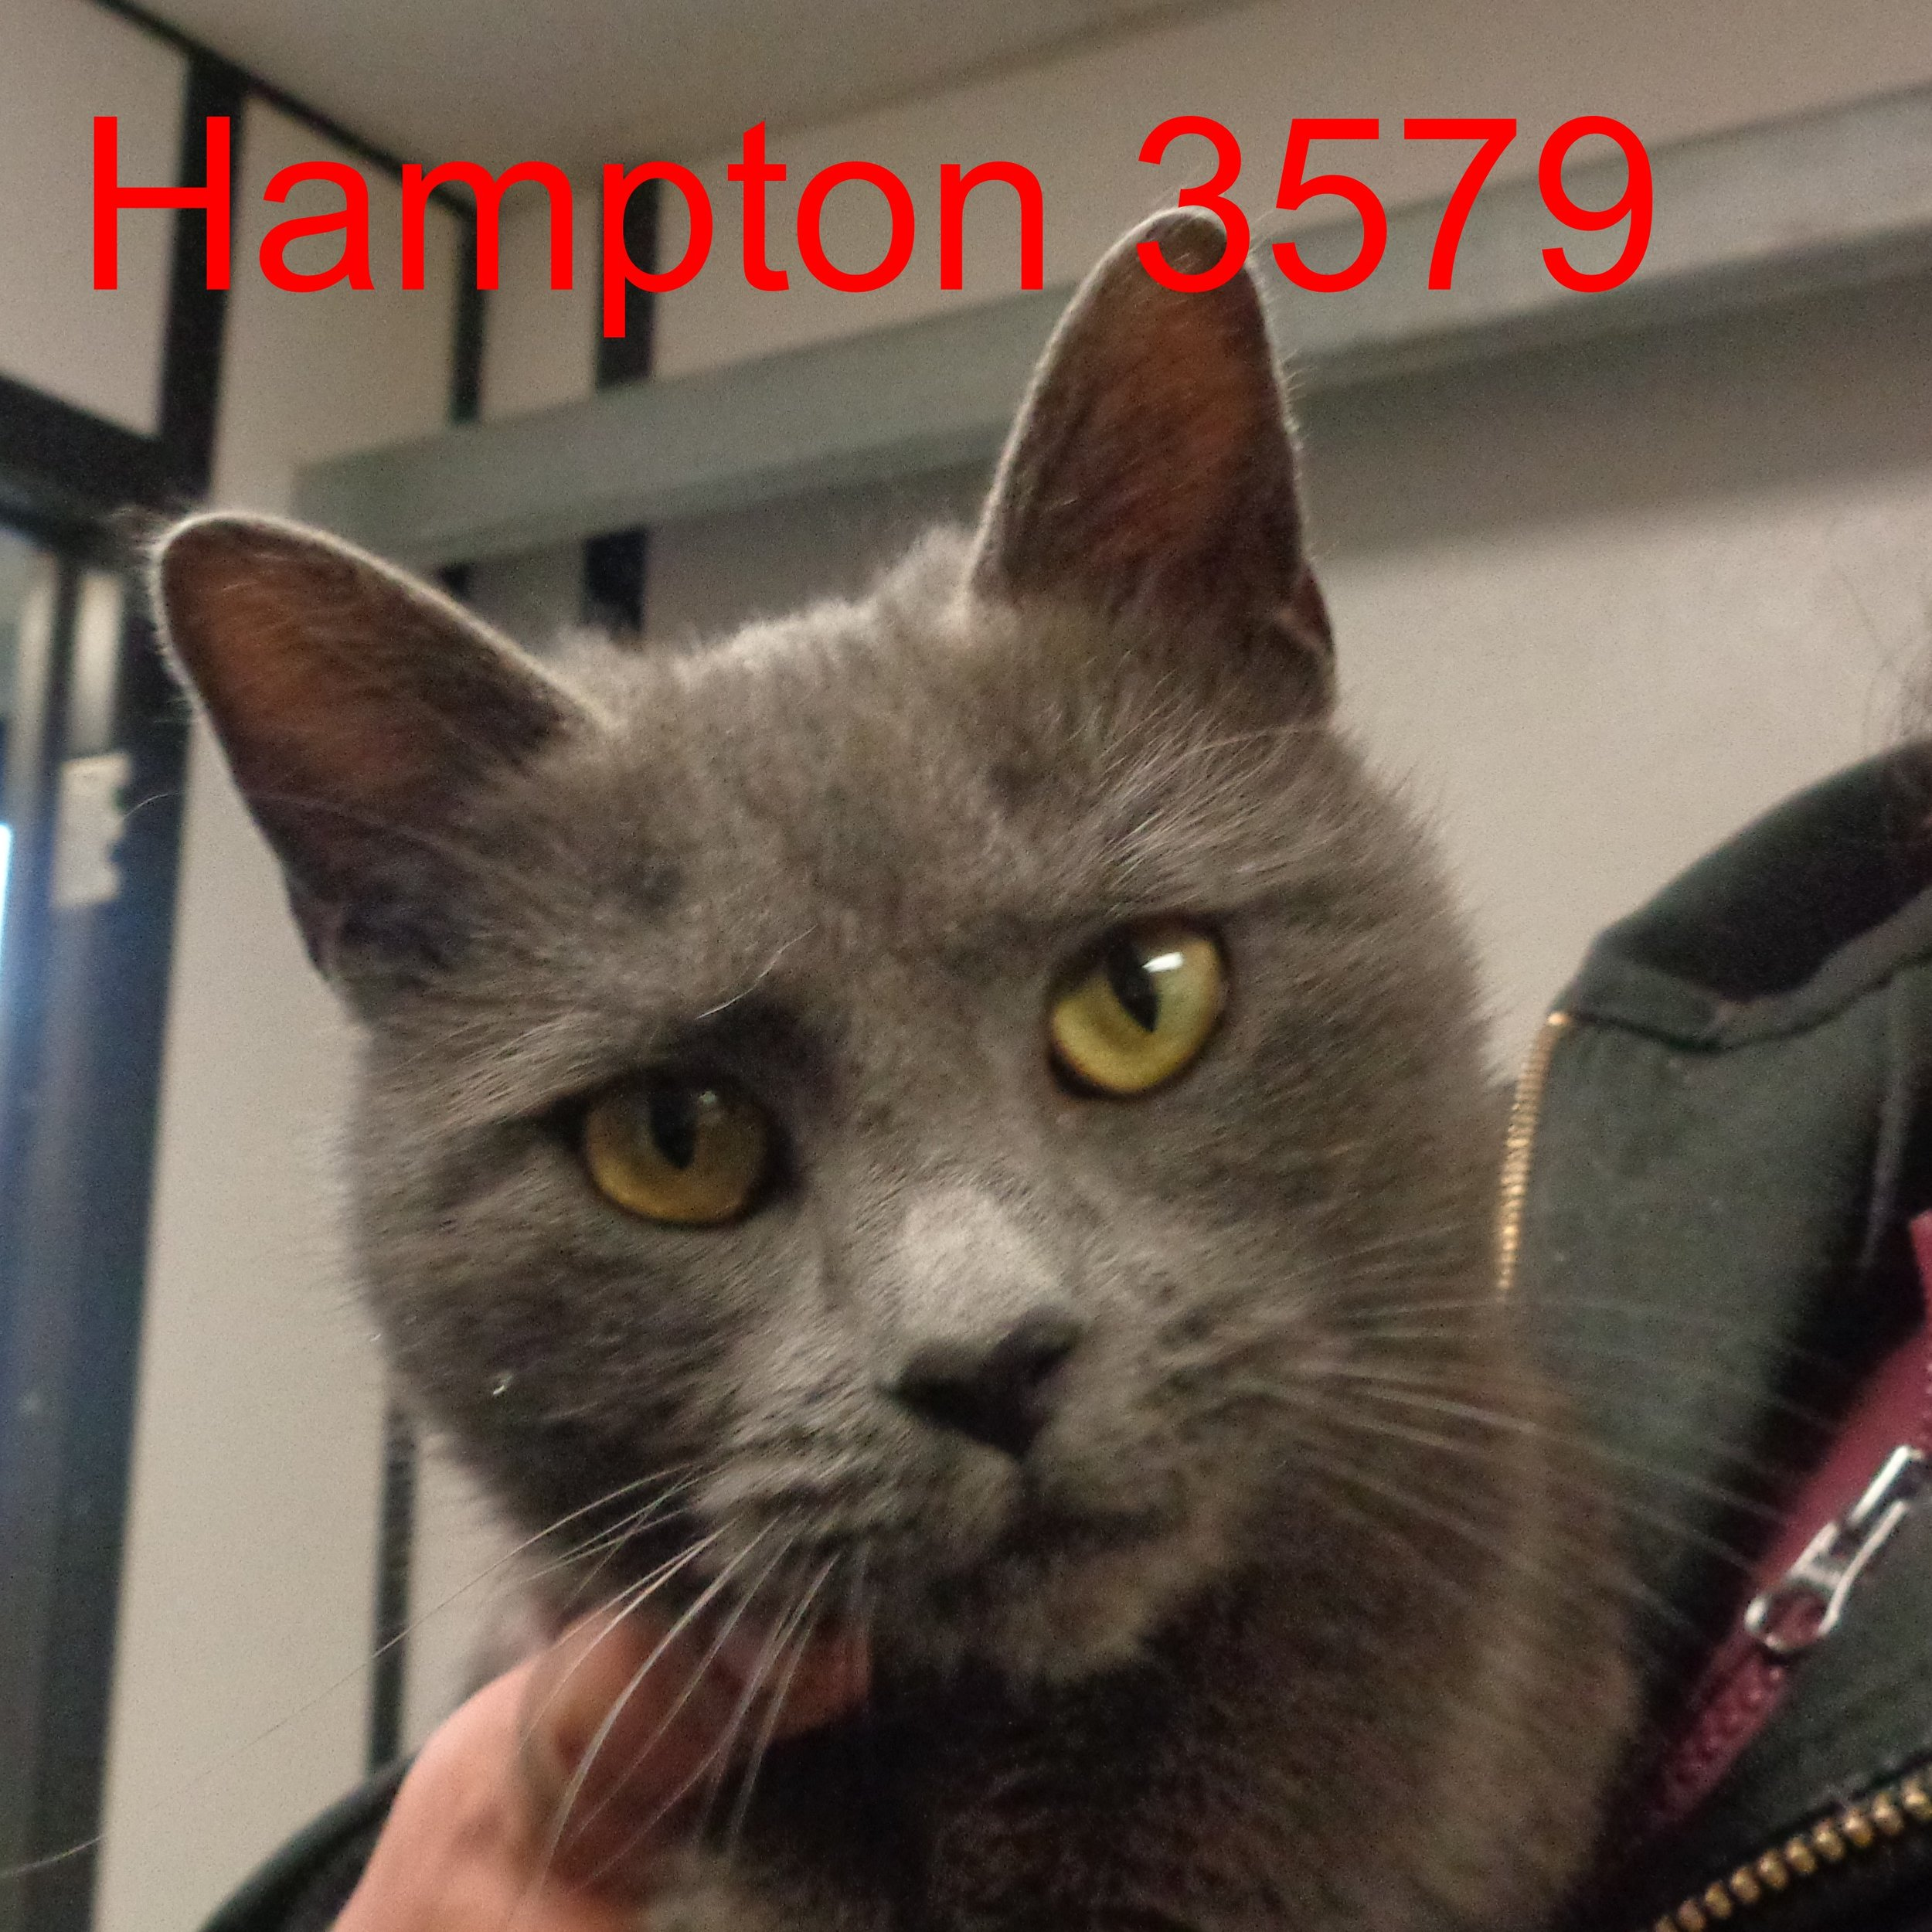 Hampton 3579 .JPG